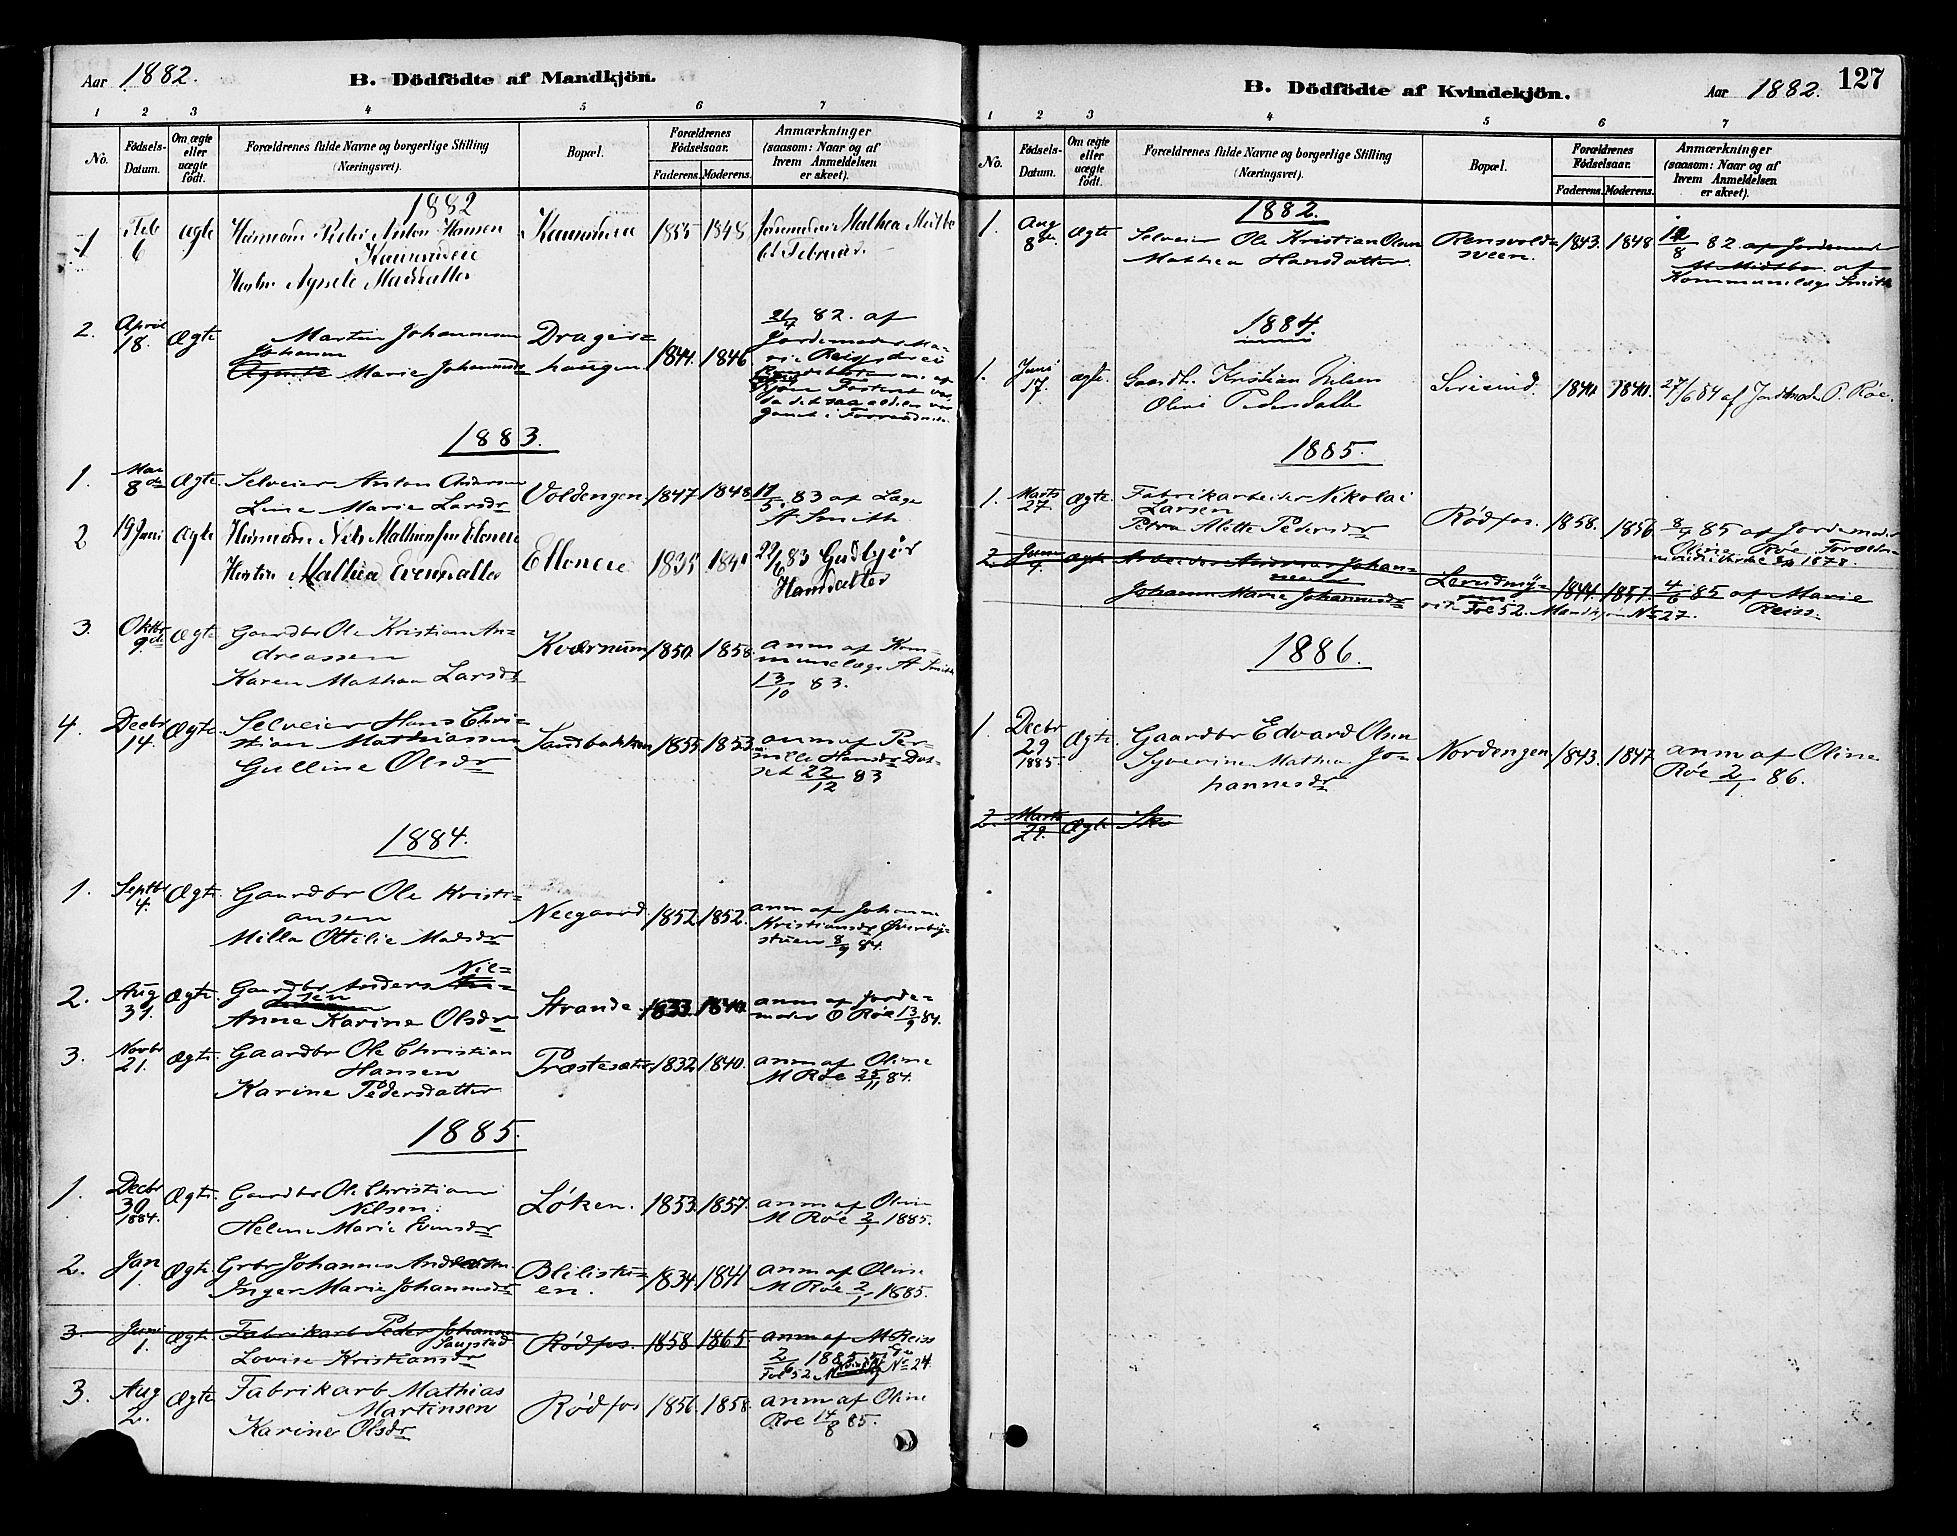 SAH, Vestre Toten prestekontor, Ministerialbok nr. 9, 1878-1894, s. 127